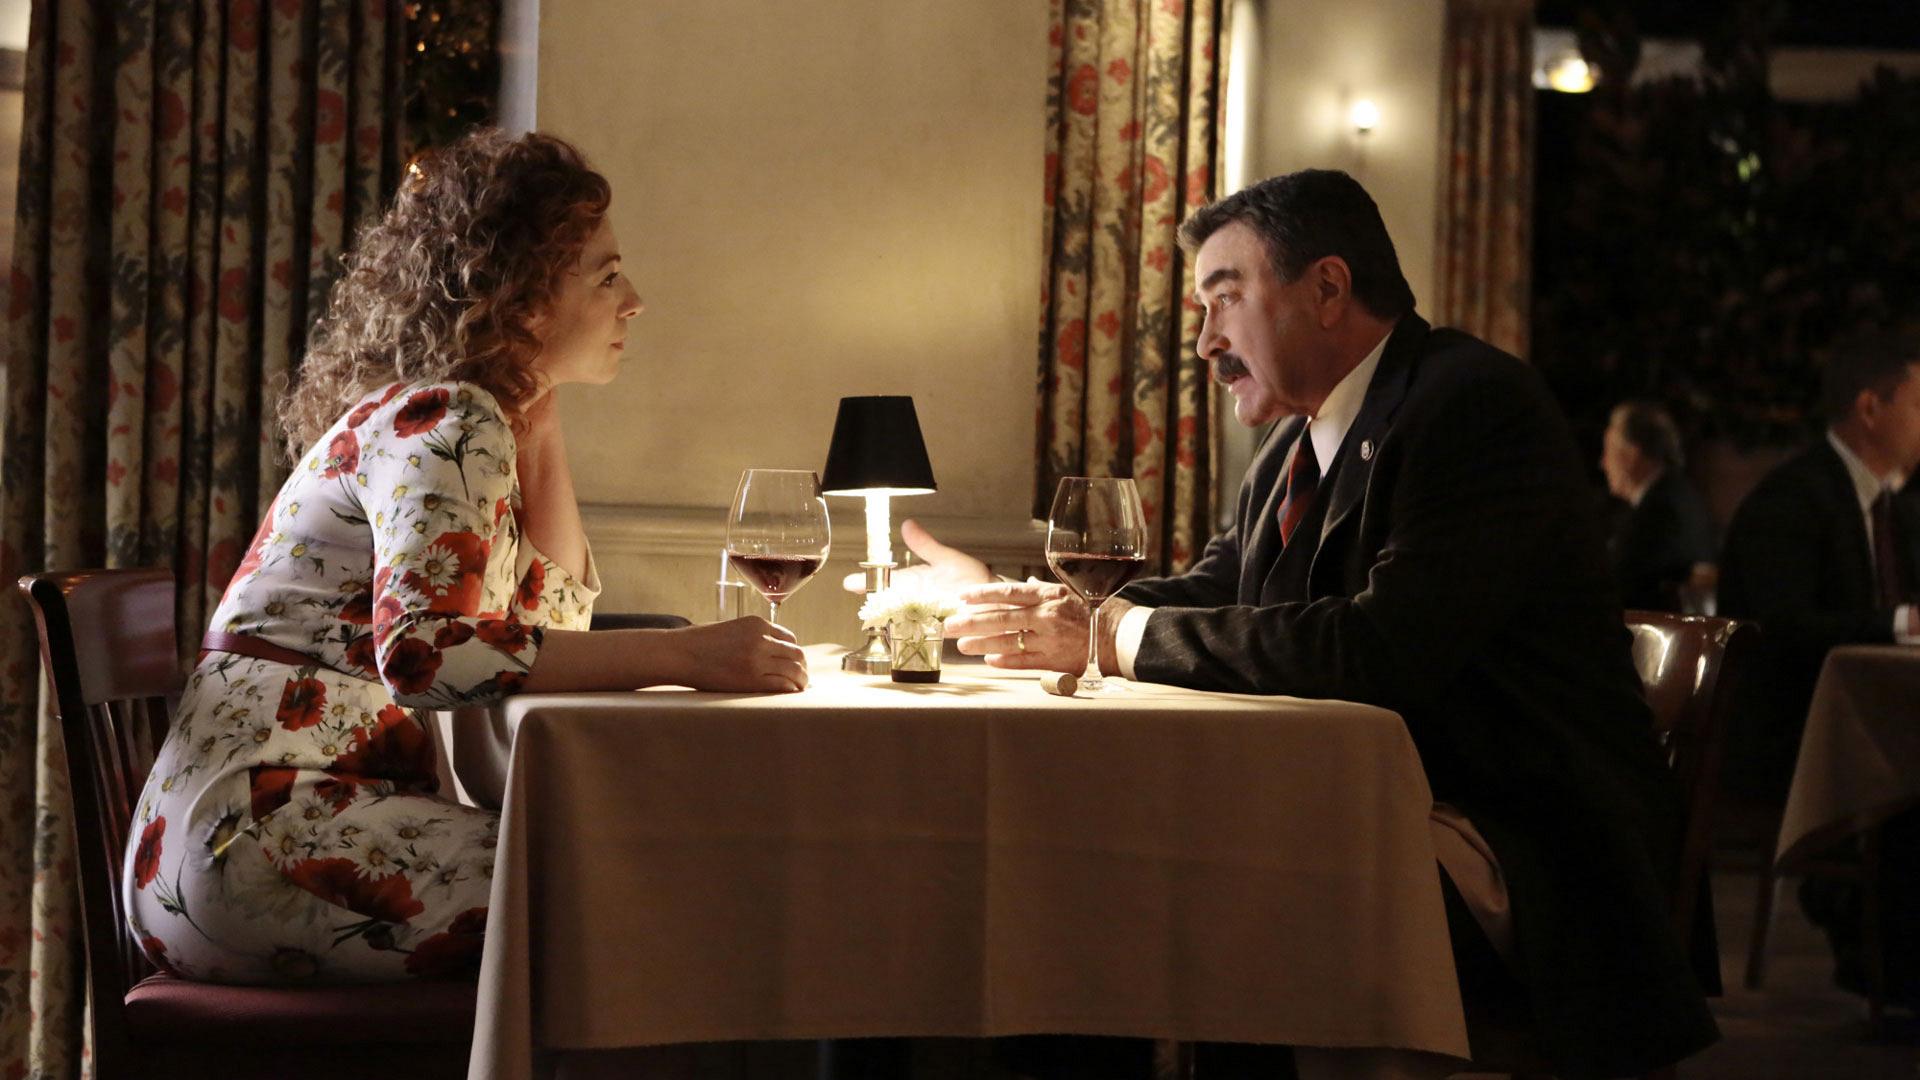 Alex Kingston as Sloane Thompson and Tom Selleck as Frank Reagan